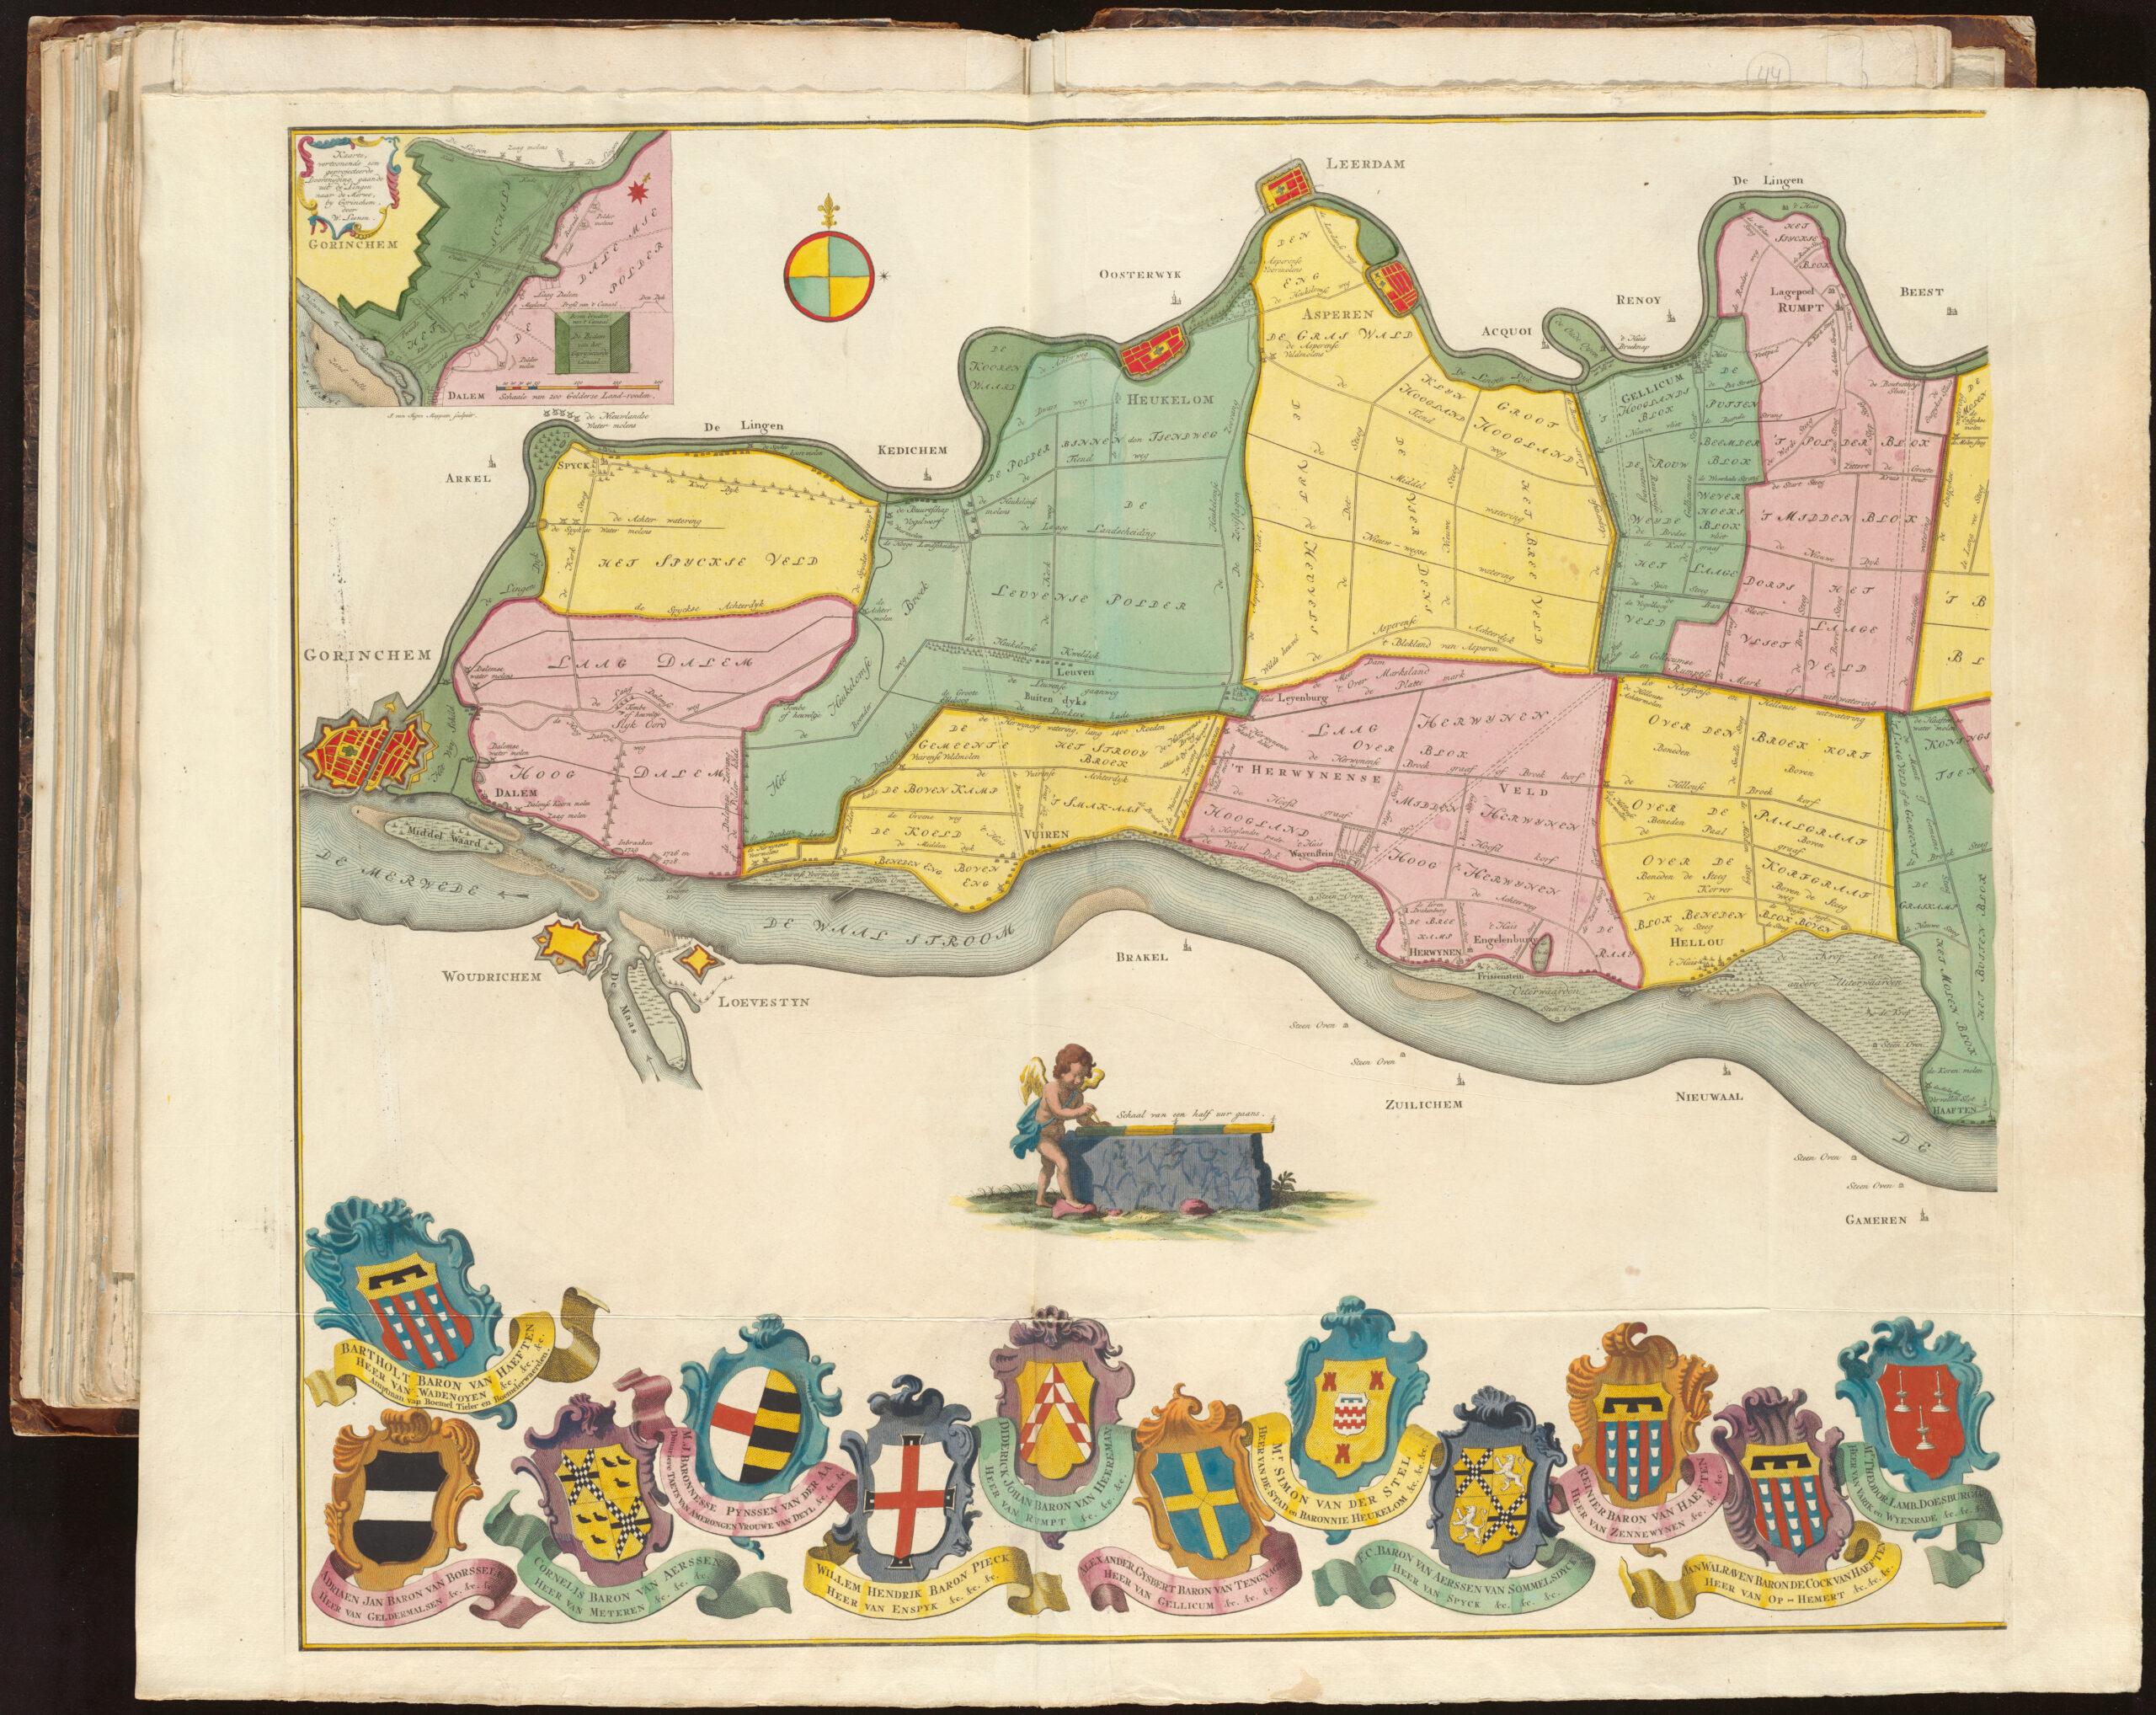 Gedeelte van de landkaart van de Thieler Waard. opgedragen aan de Heeren, wier naamen en wapenen onder deze kaart gesteld zijn.